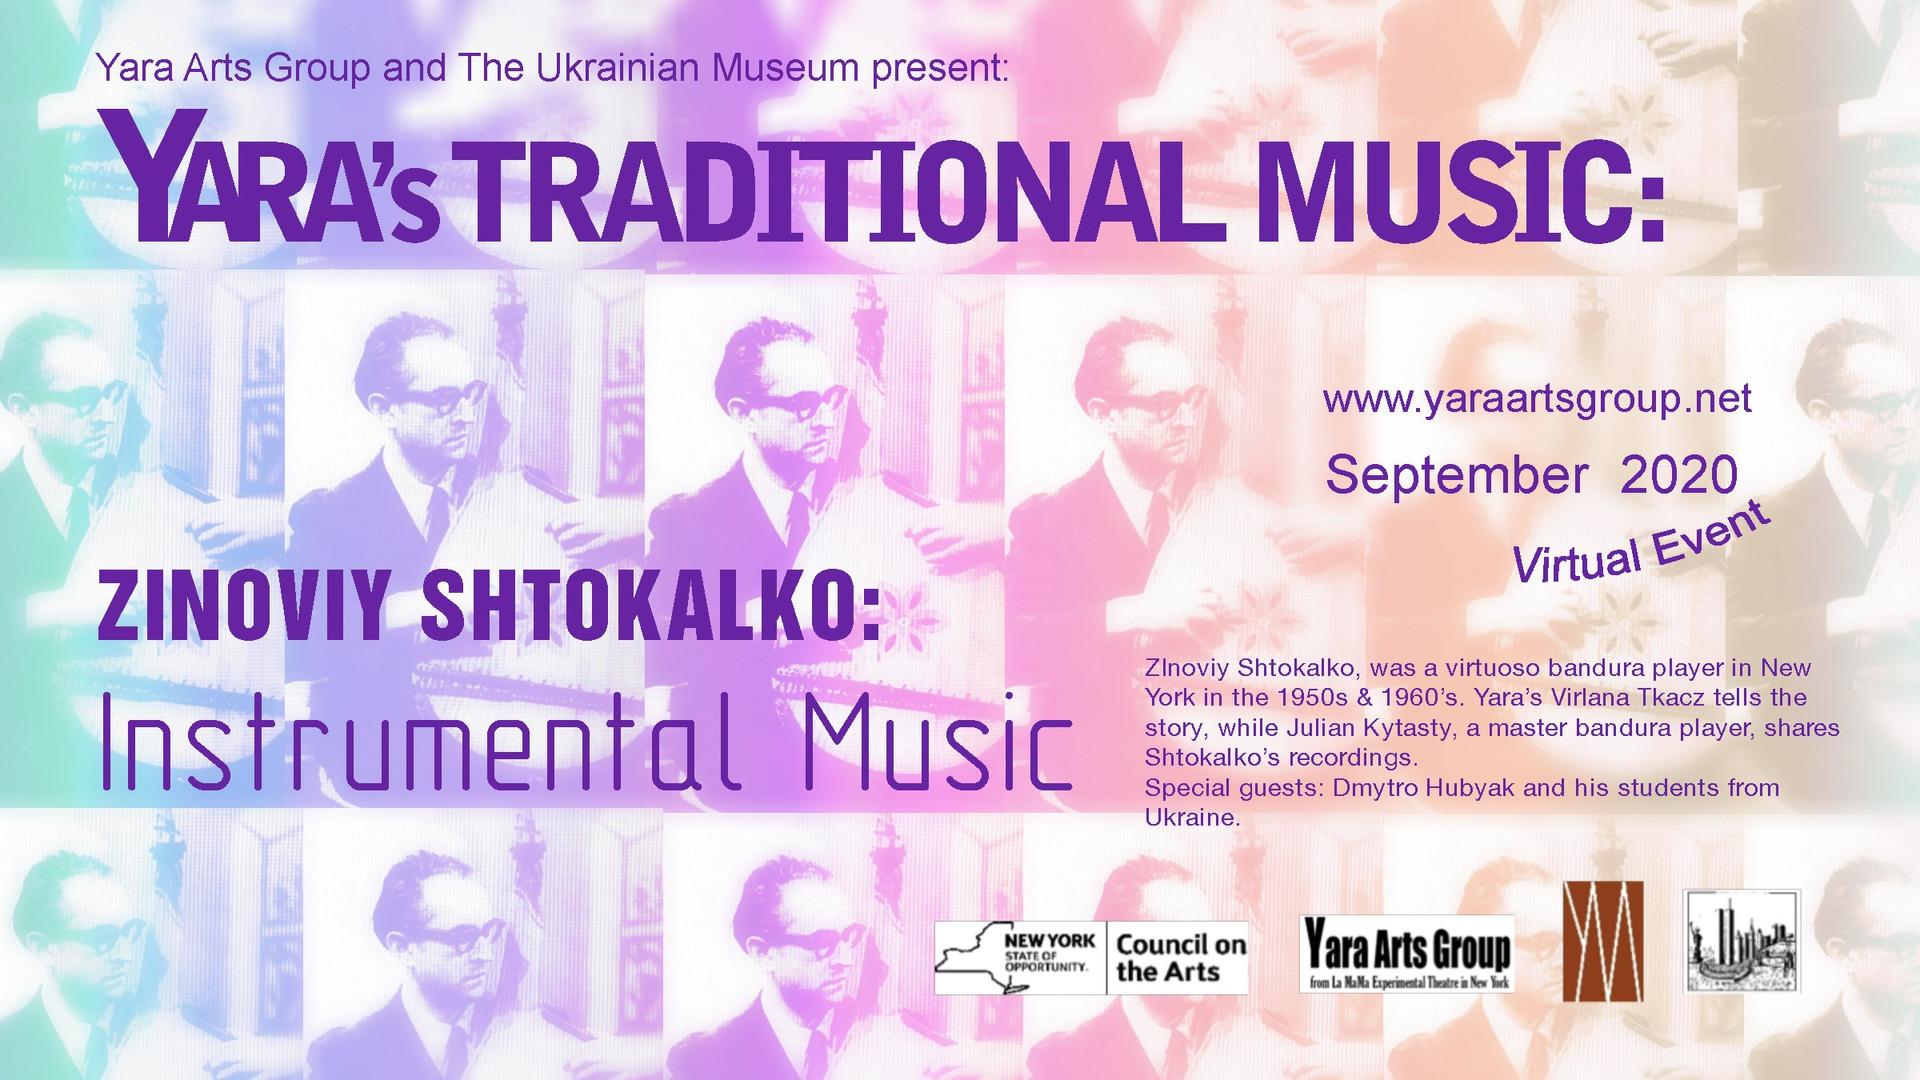 Epics-poster-Shtokalko-Instrumental__02-